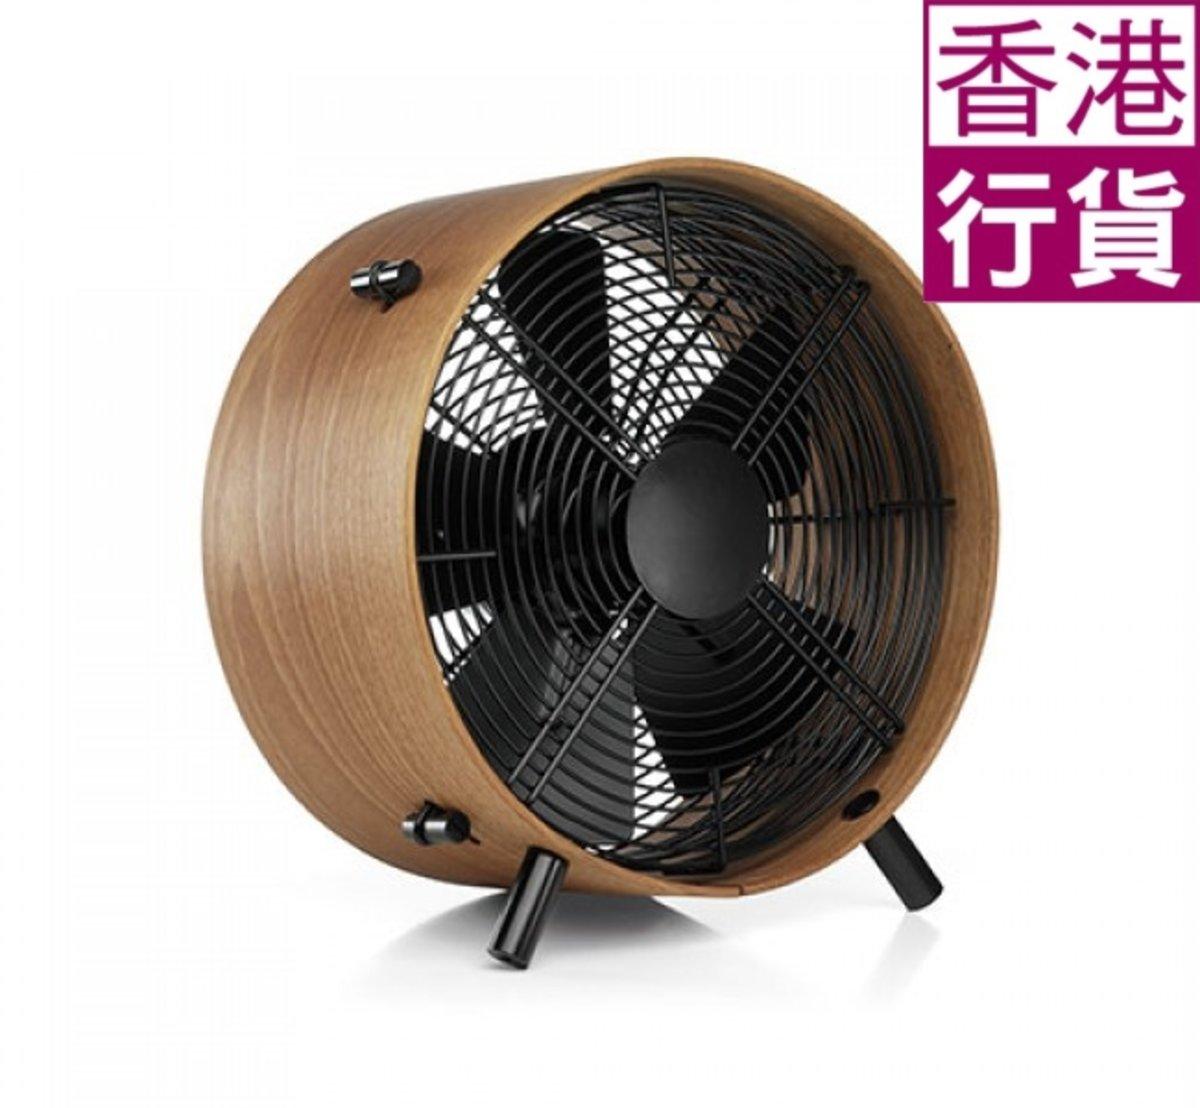 OTTO 竹風扇 (香港行貨)